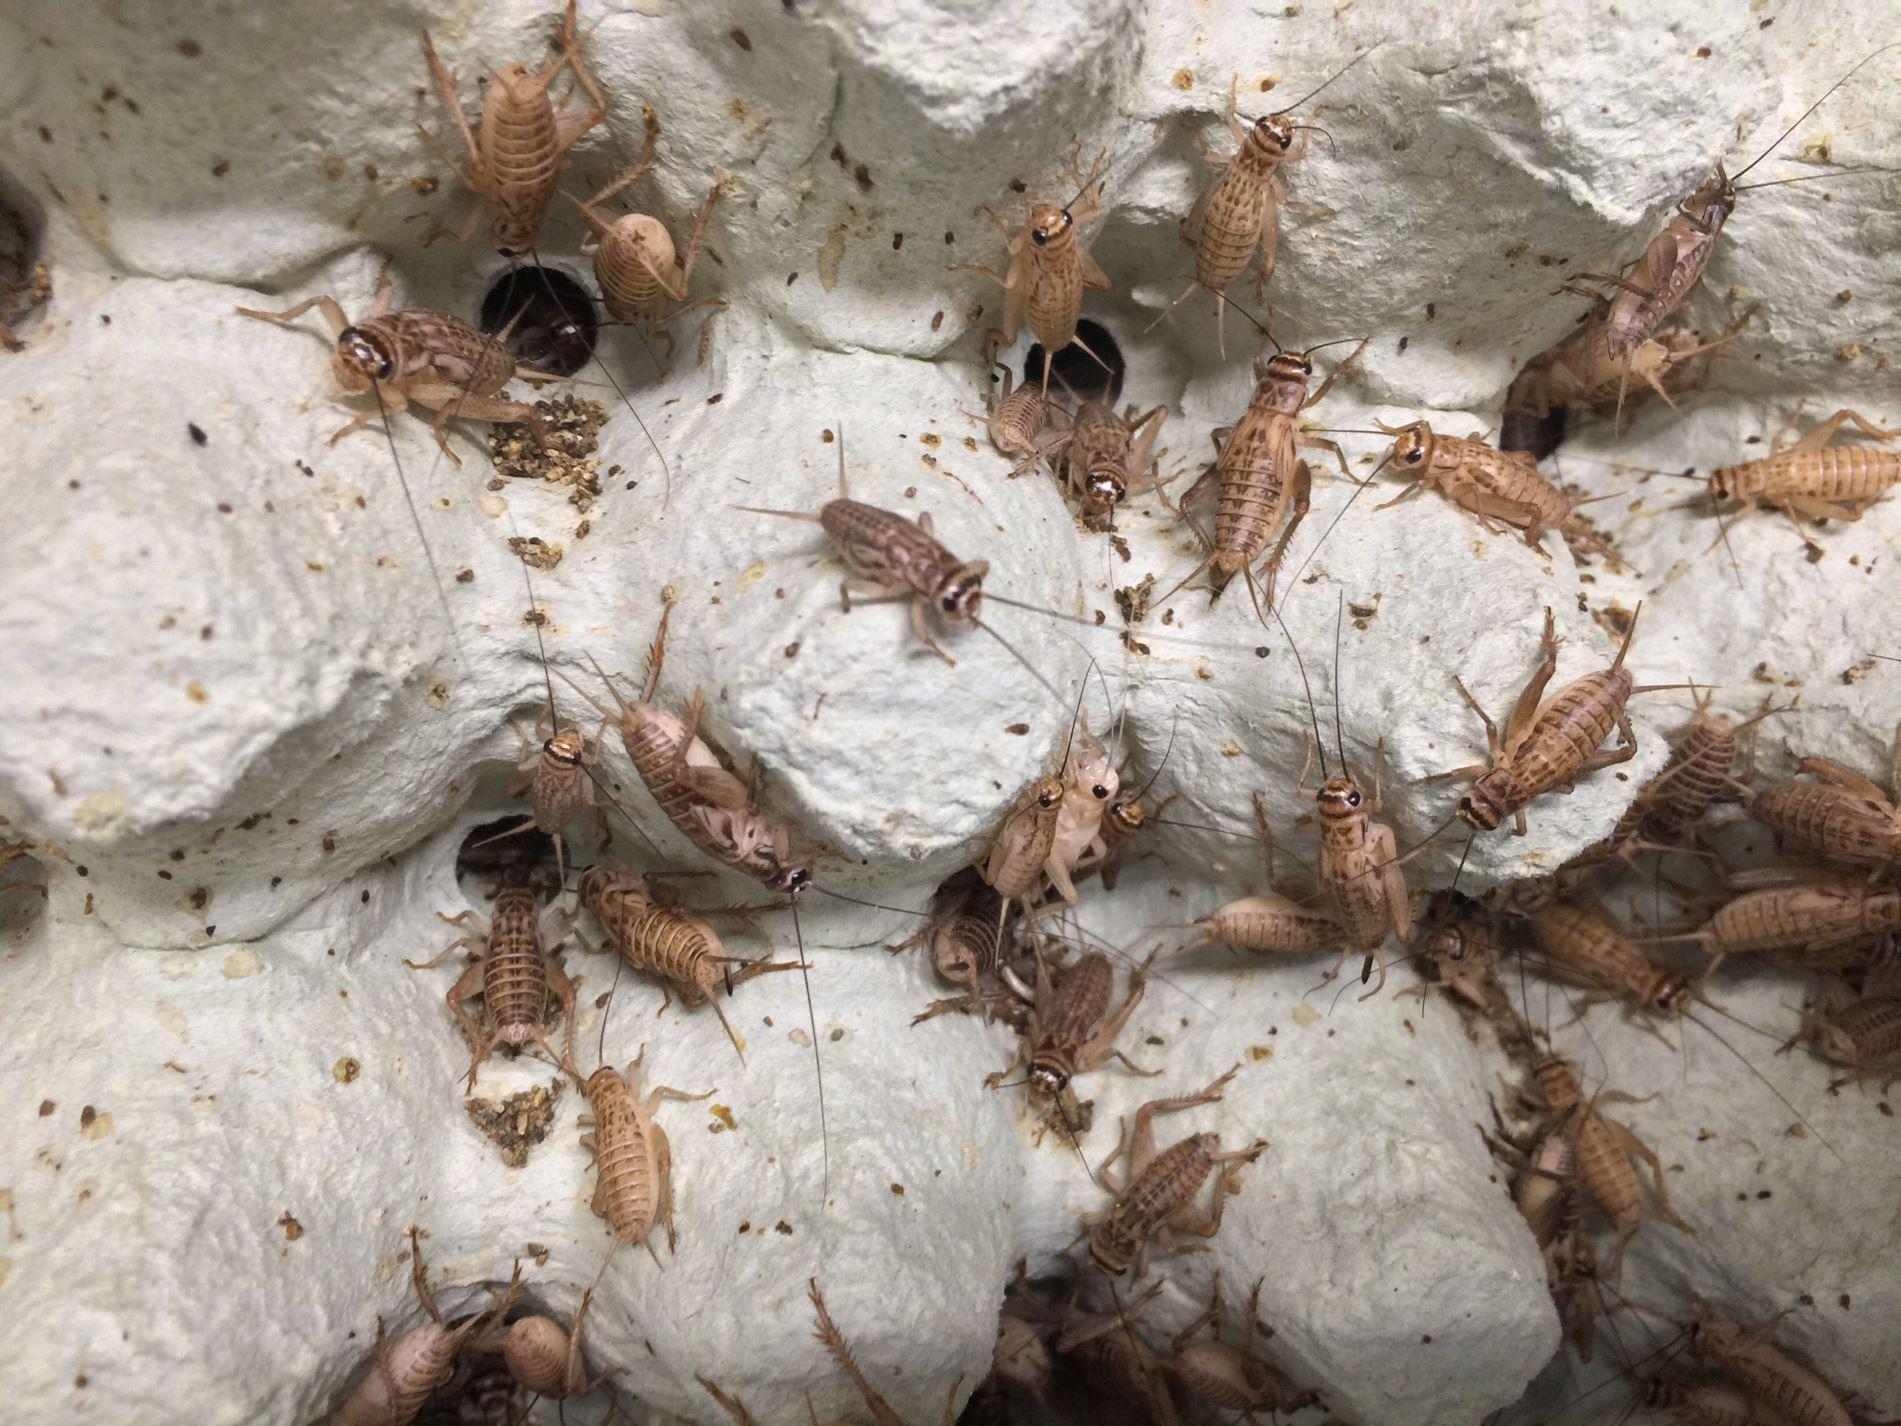 Photo of crickets growing in Pyhäsalmi mine